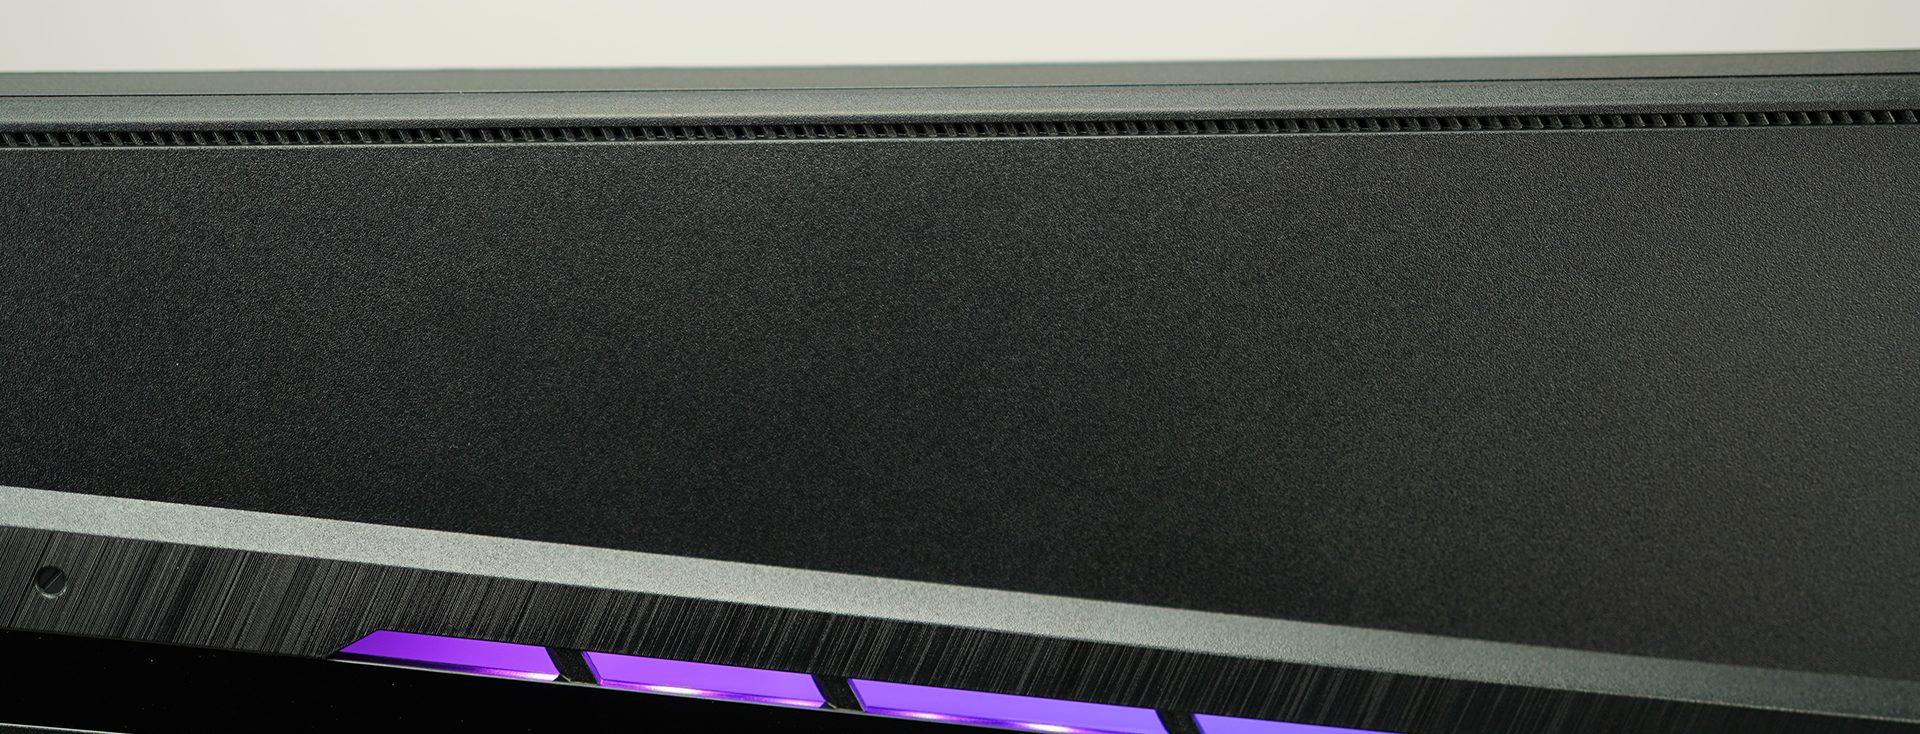 MSI Optix MAG301RF - MSI Mystic Light und Lüftung